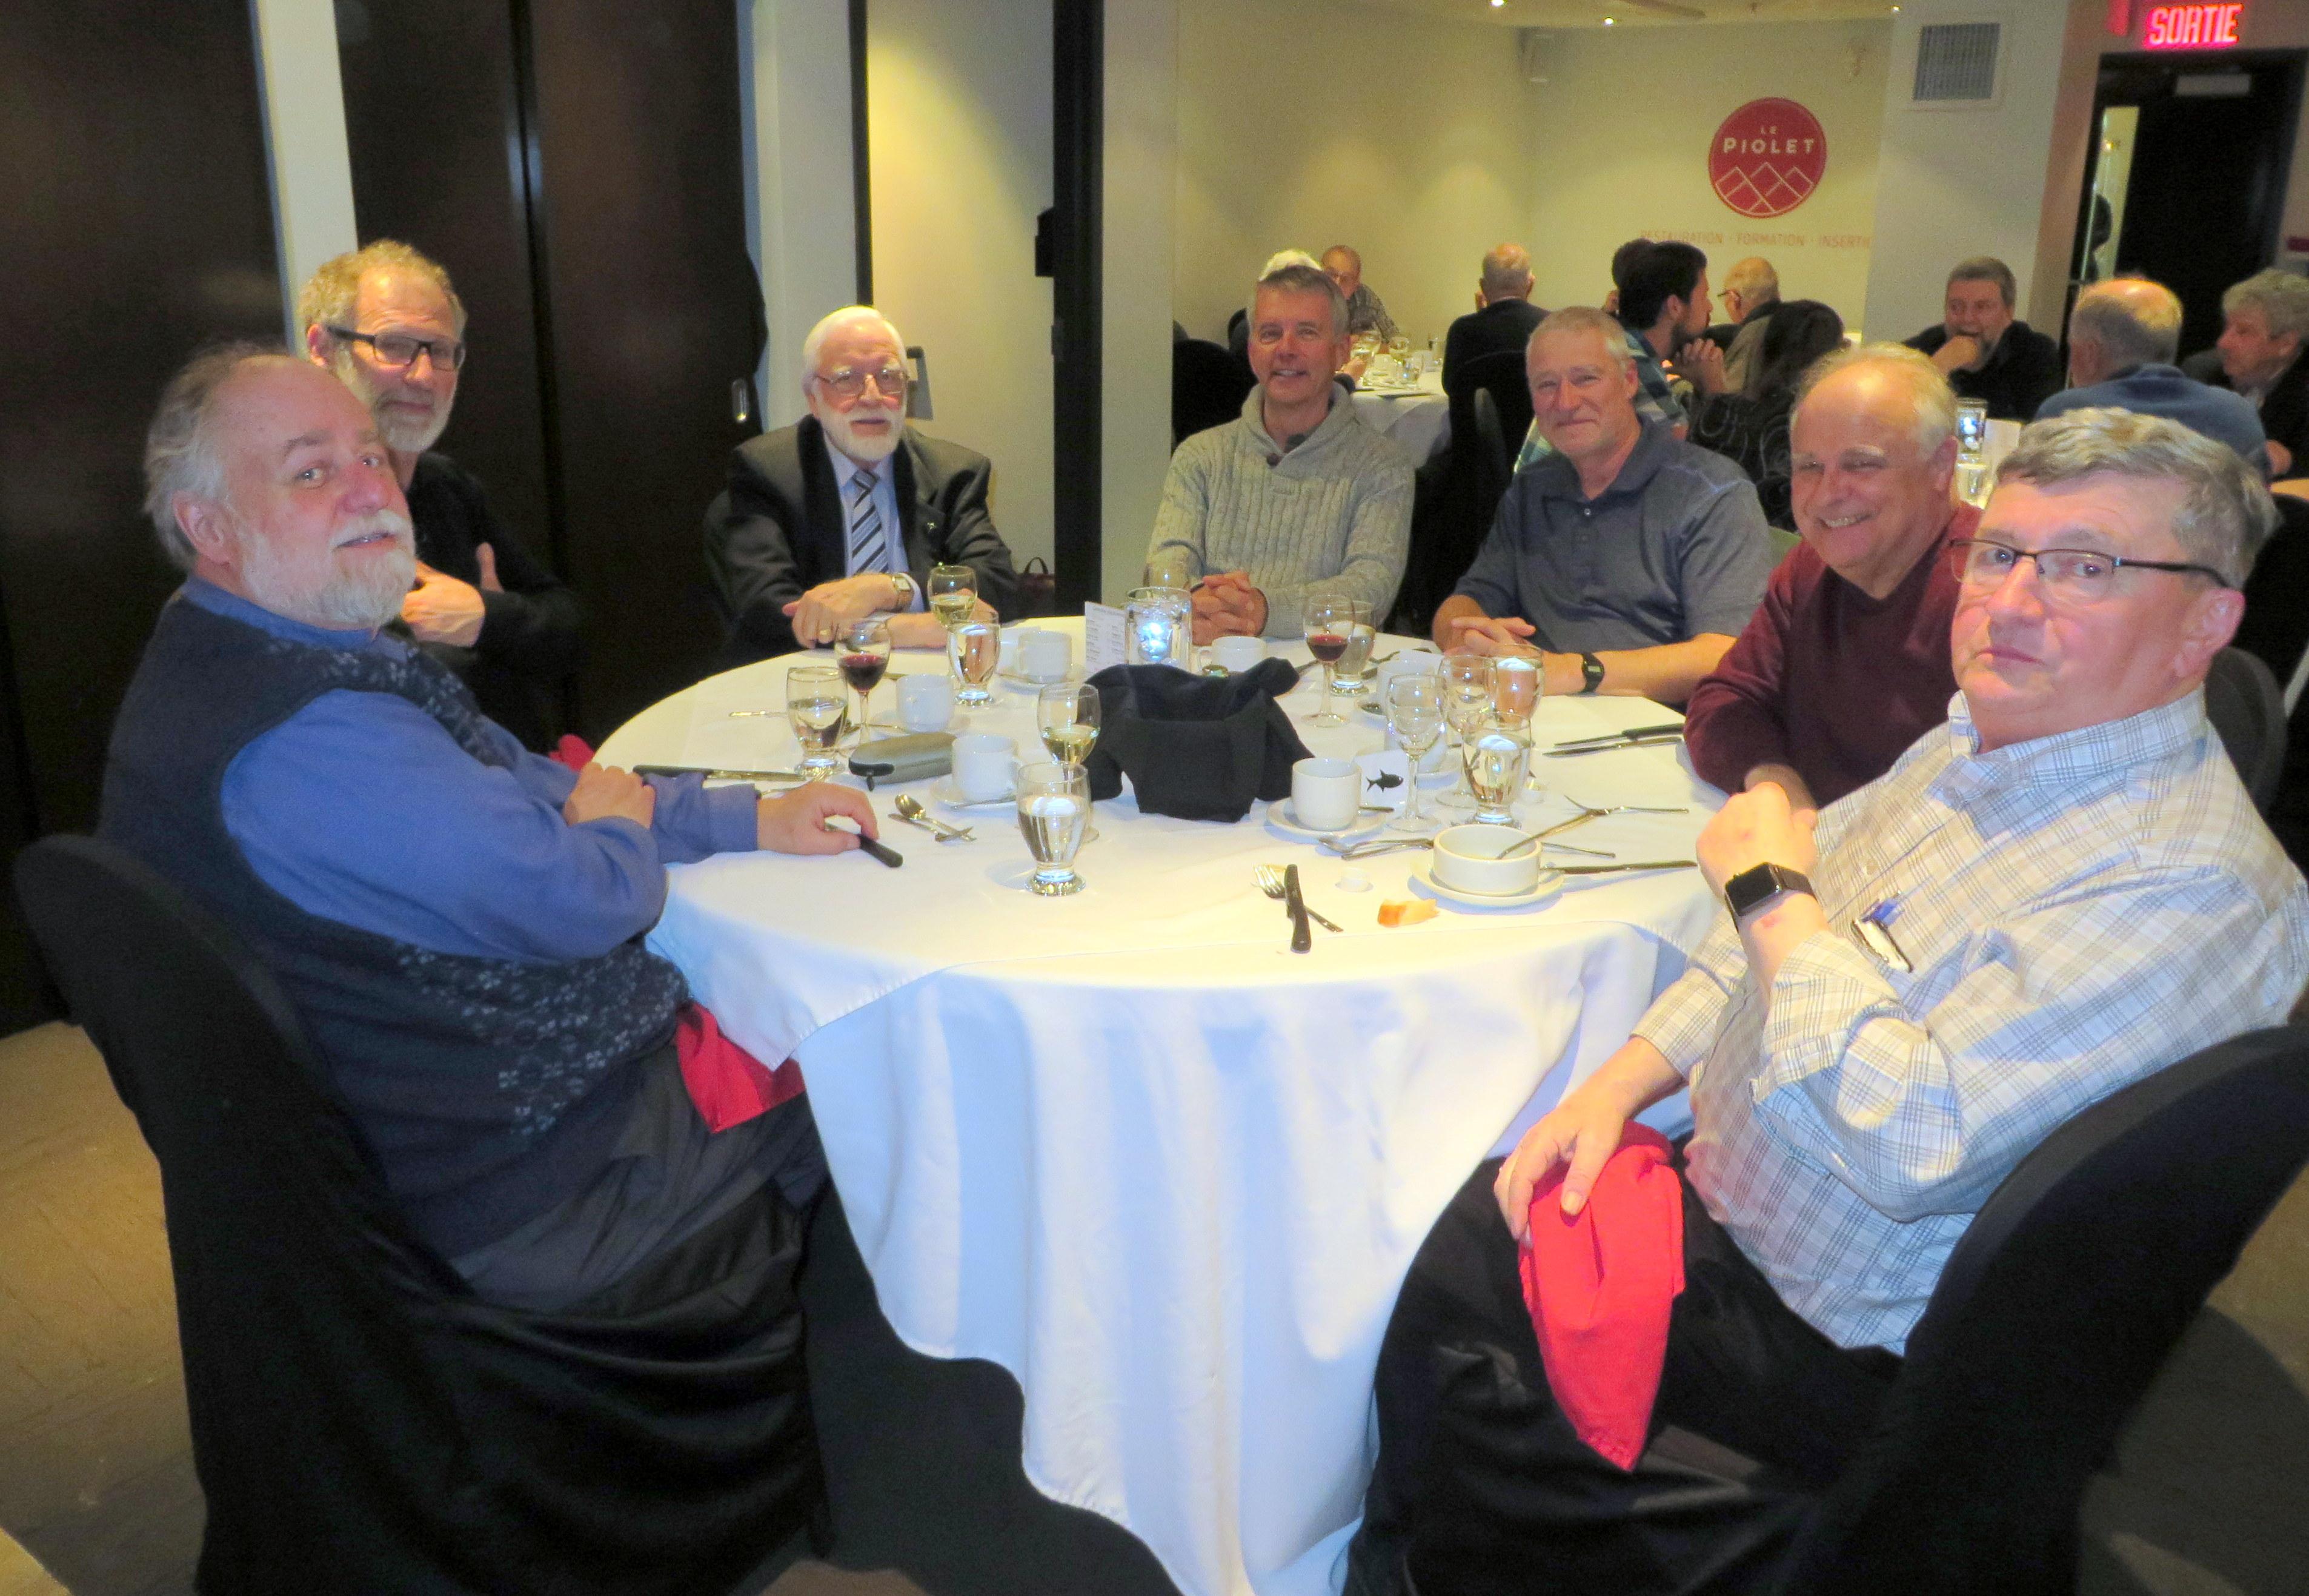 Soirée hommage aux bénévoles de la Société Provencher le 23 mars 2017 au restaurant Le Piolet de Loretteville. (Photo: Réhaume Courtois)